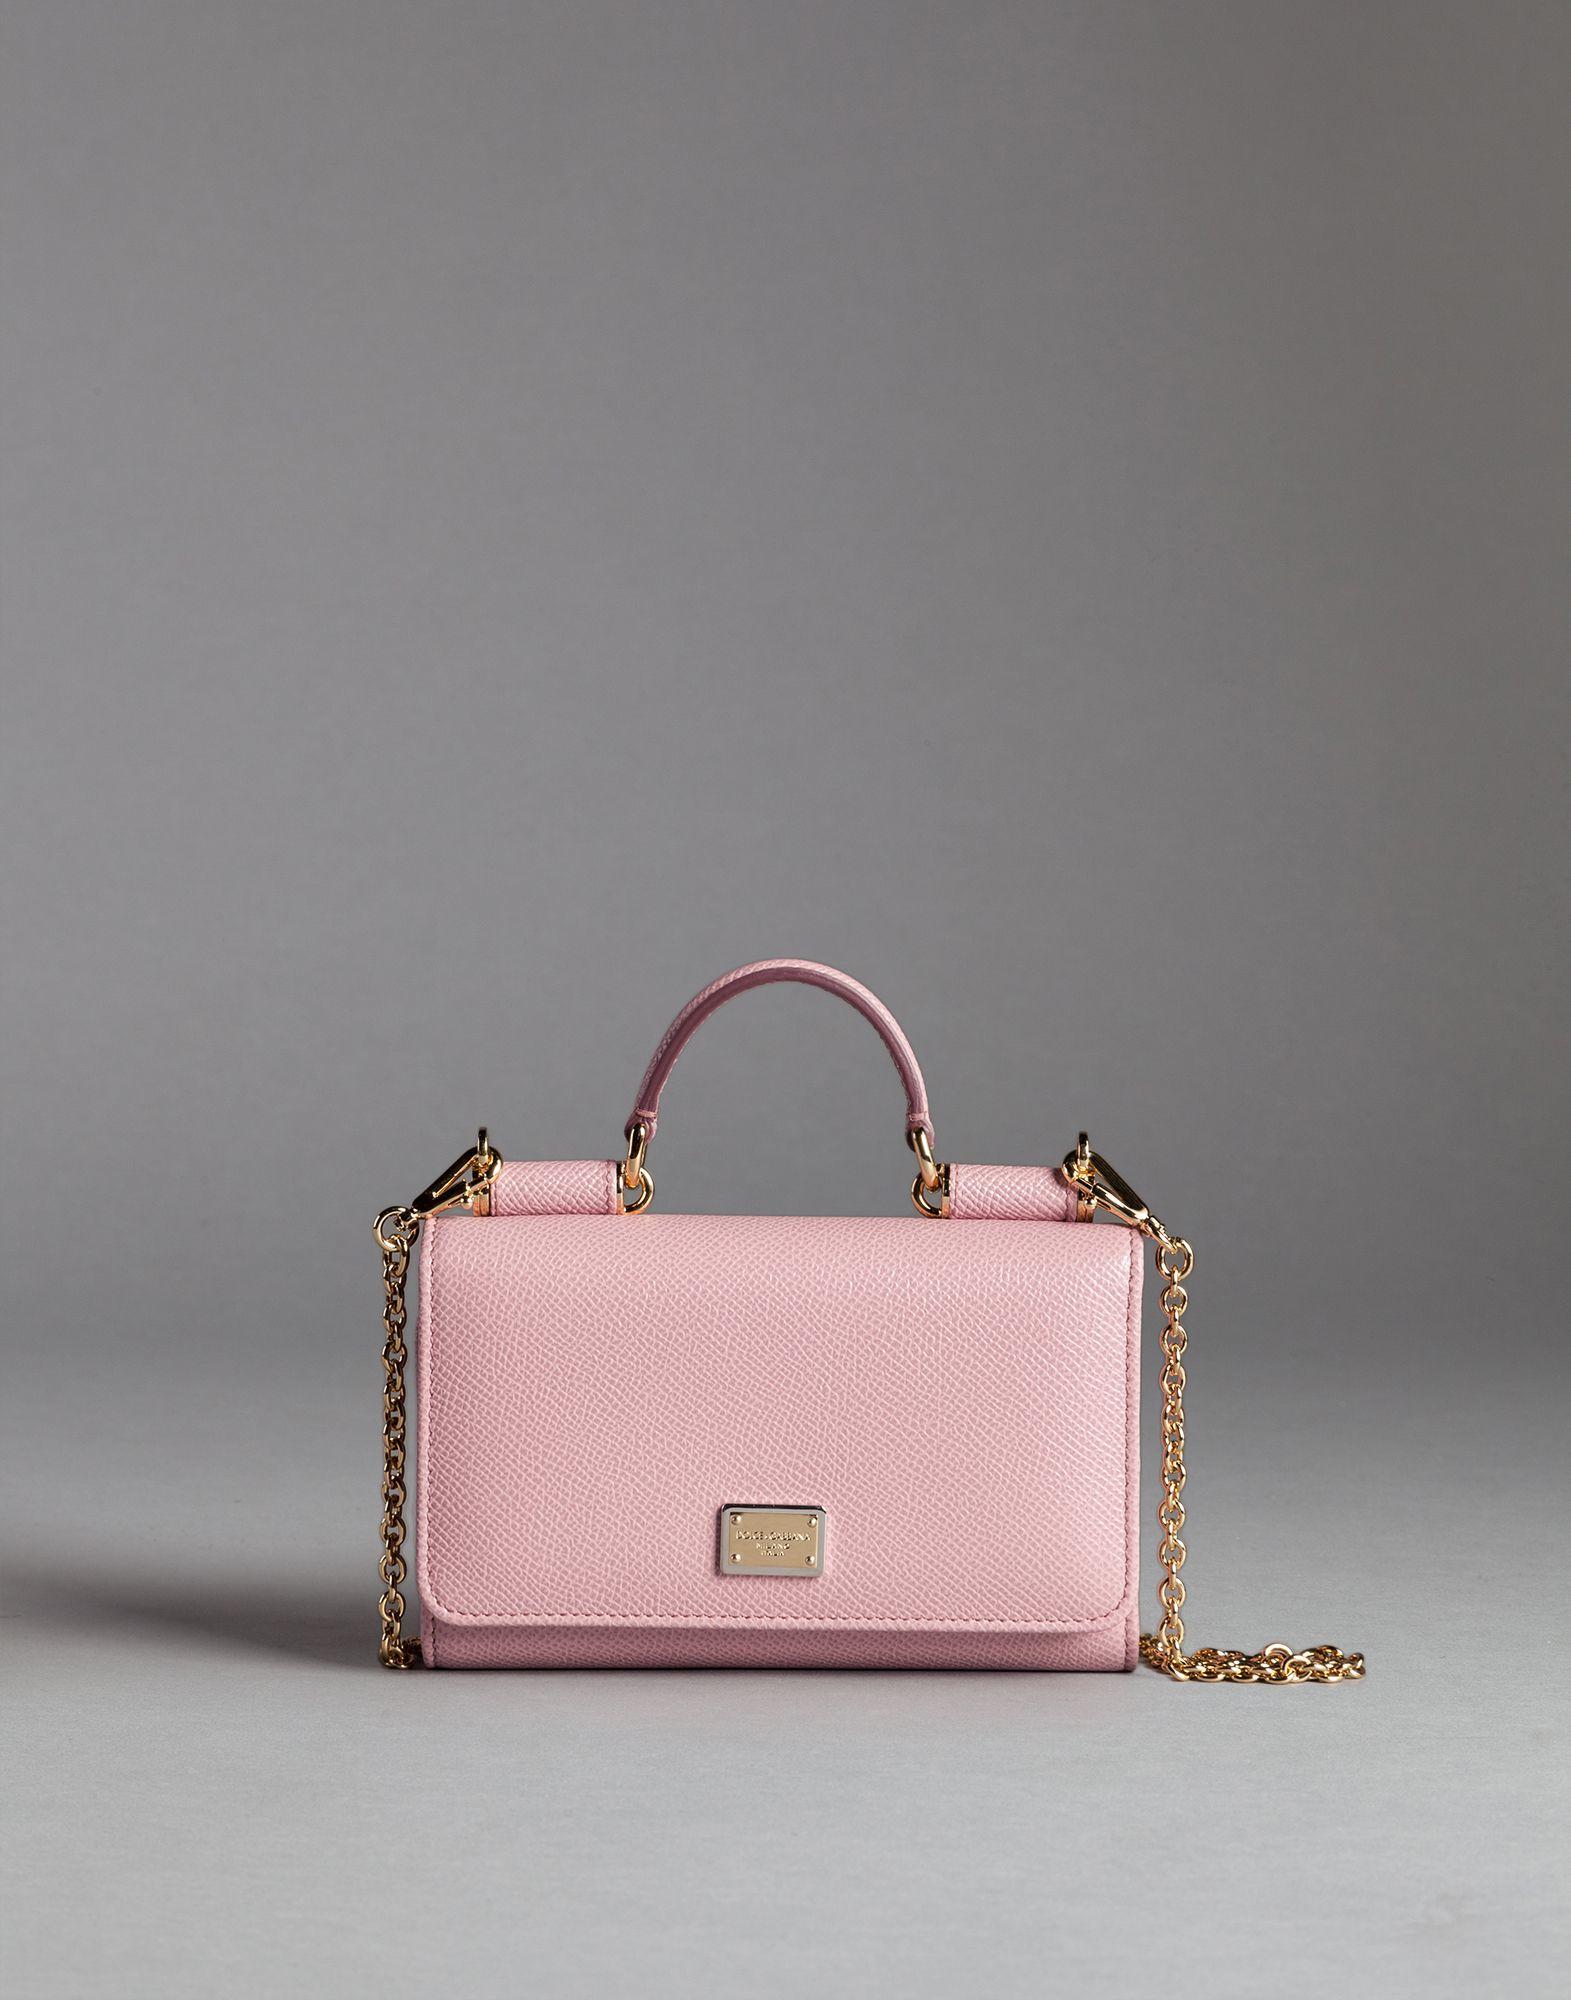 ... super popular d81c8 40973 Lyst - Dolce Gabbana Dauphine Print Calfskin  Mini Phone Bag ... 0e04faf75b2f5